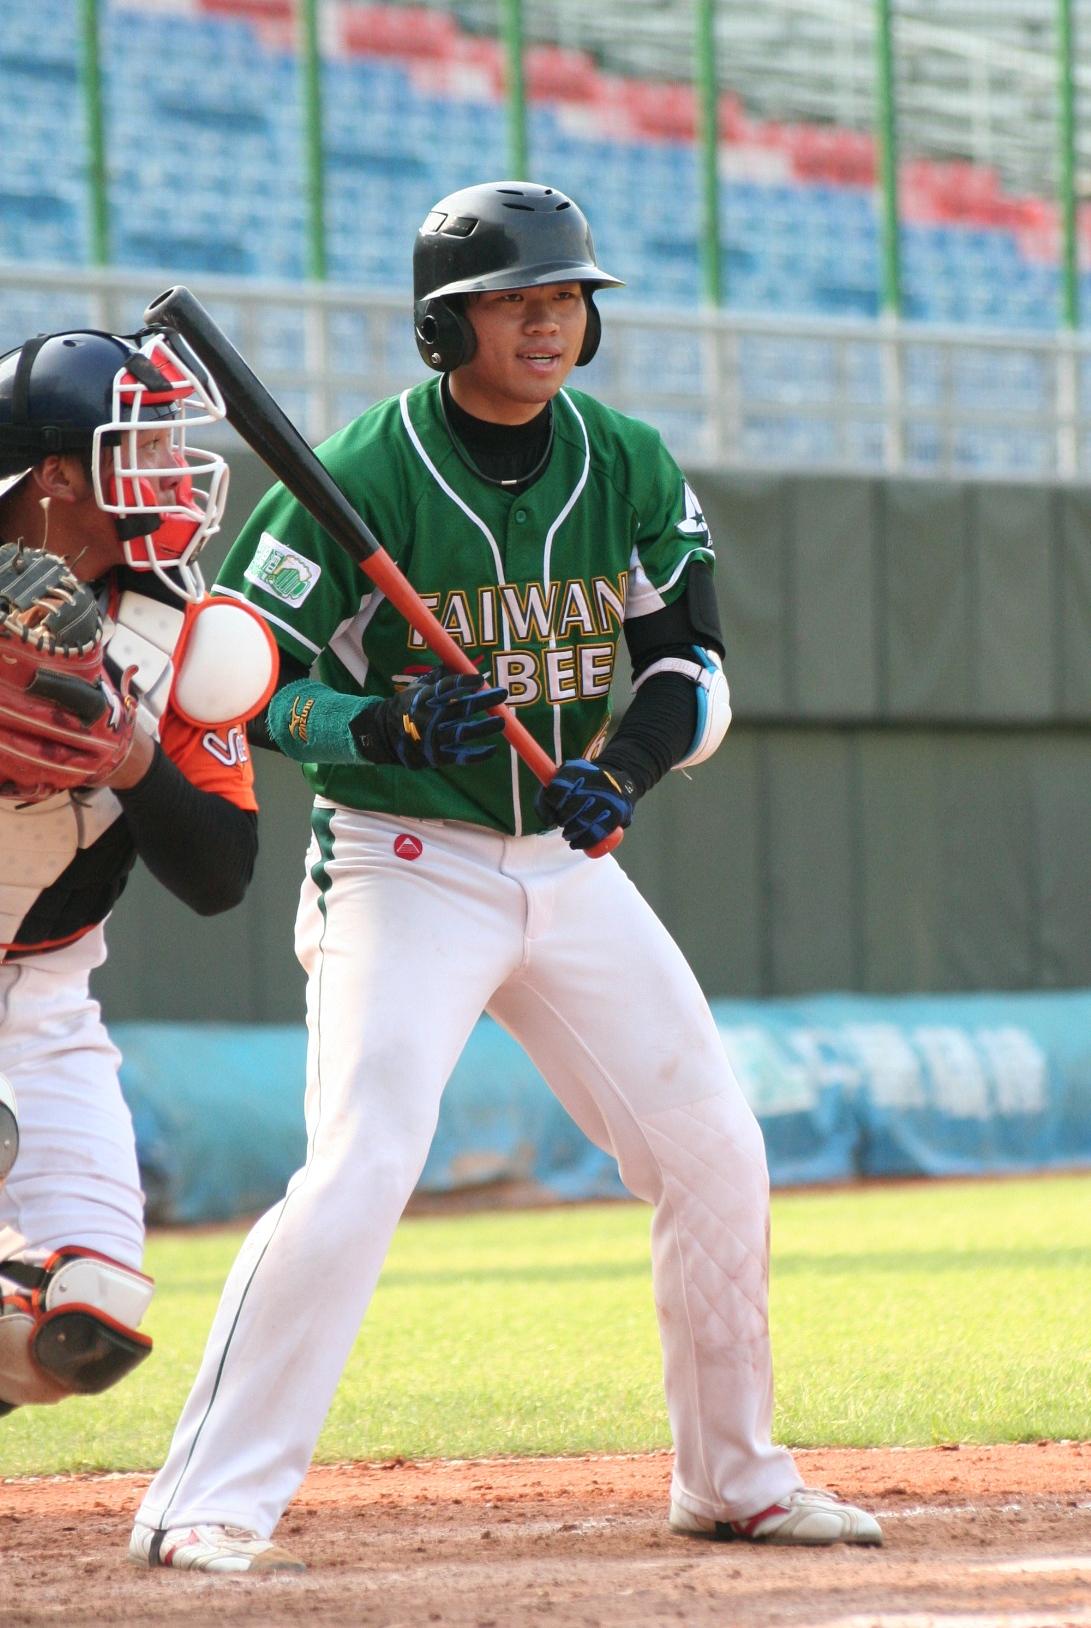 热血江湖棒球联盟